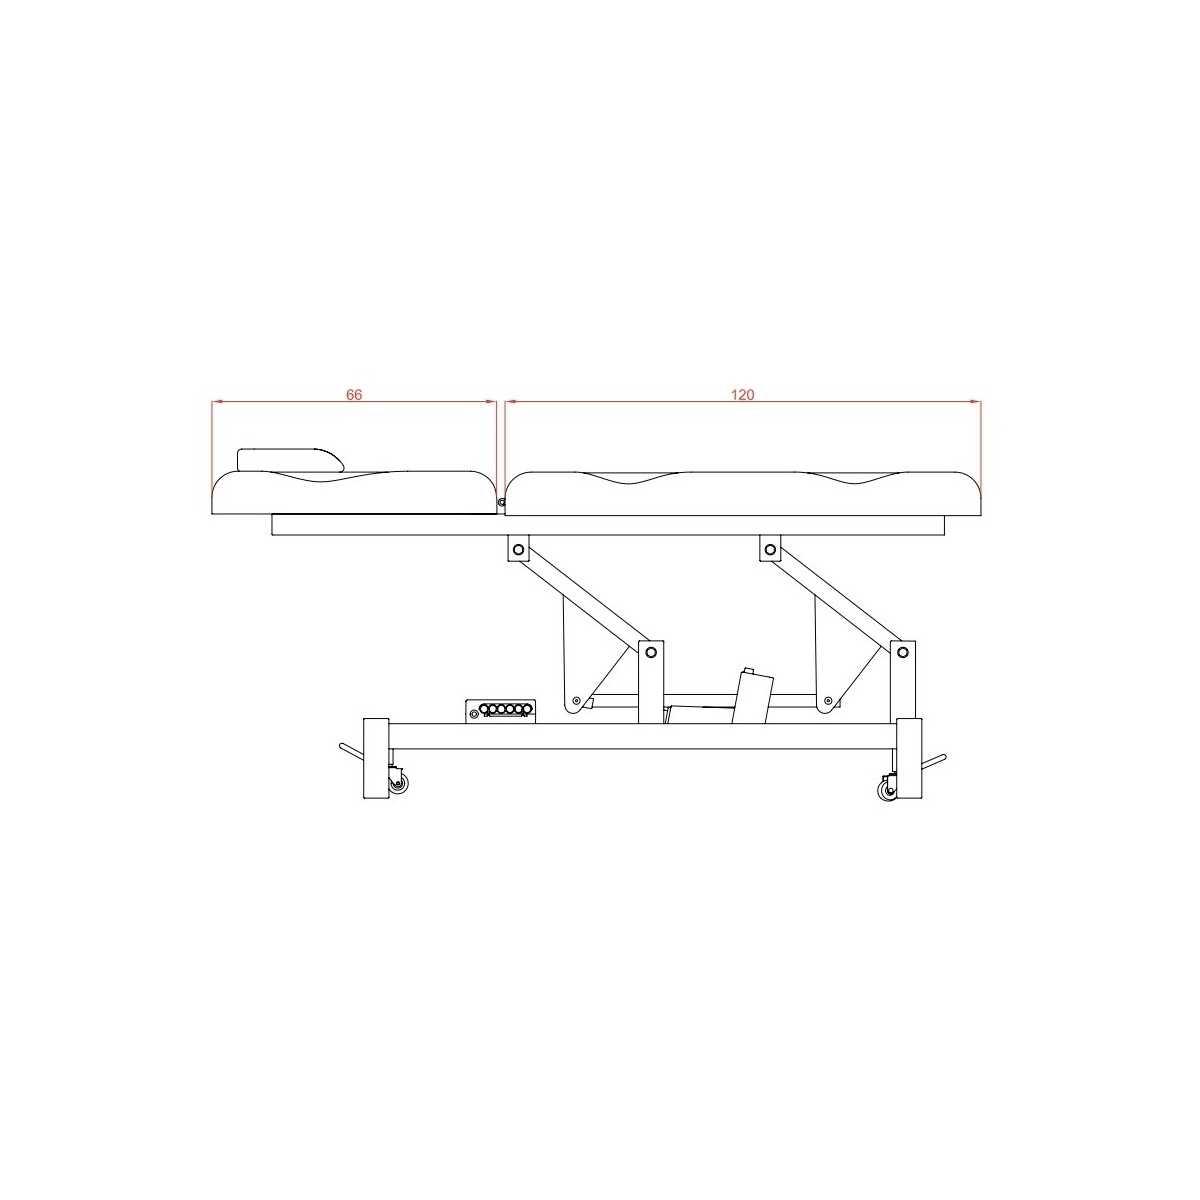 Camilla eléctrica Extreme Plus - Camillas eléctricas - Weelko